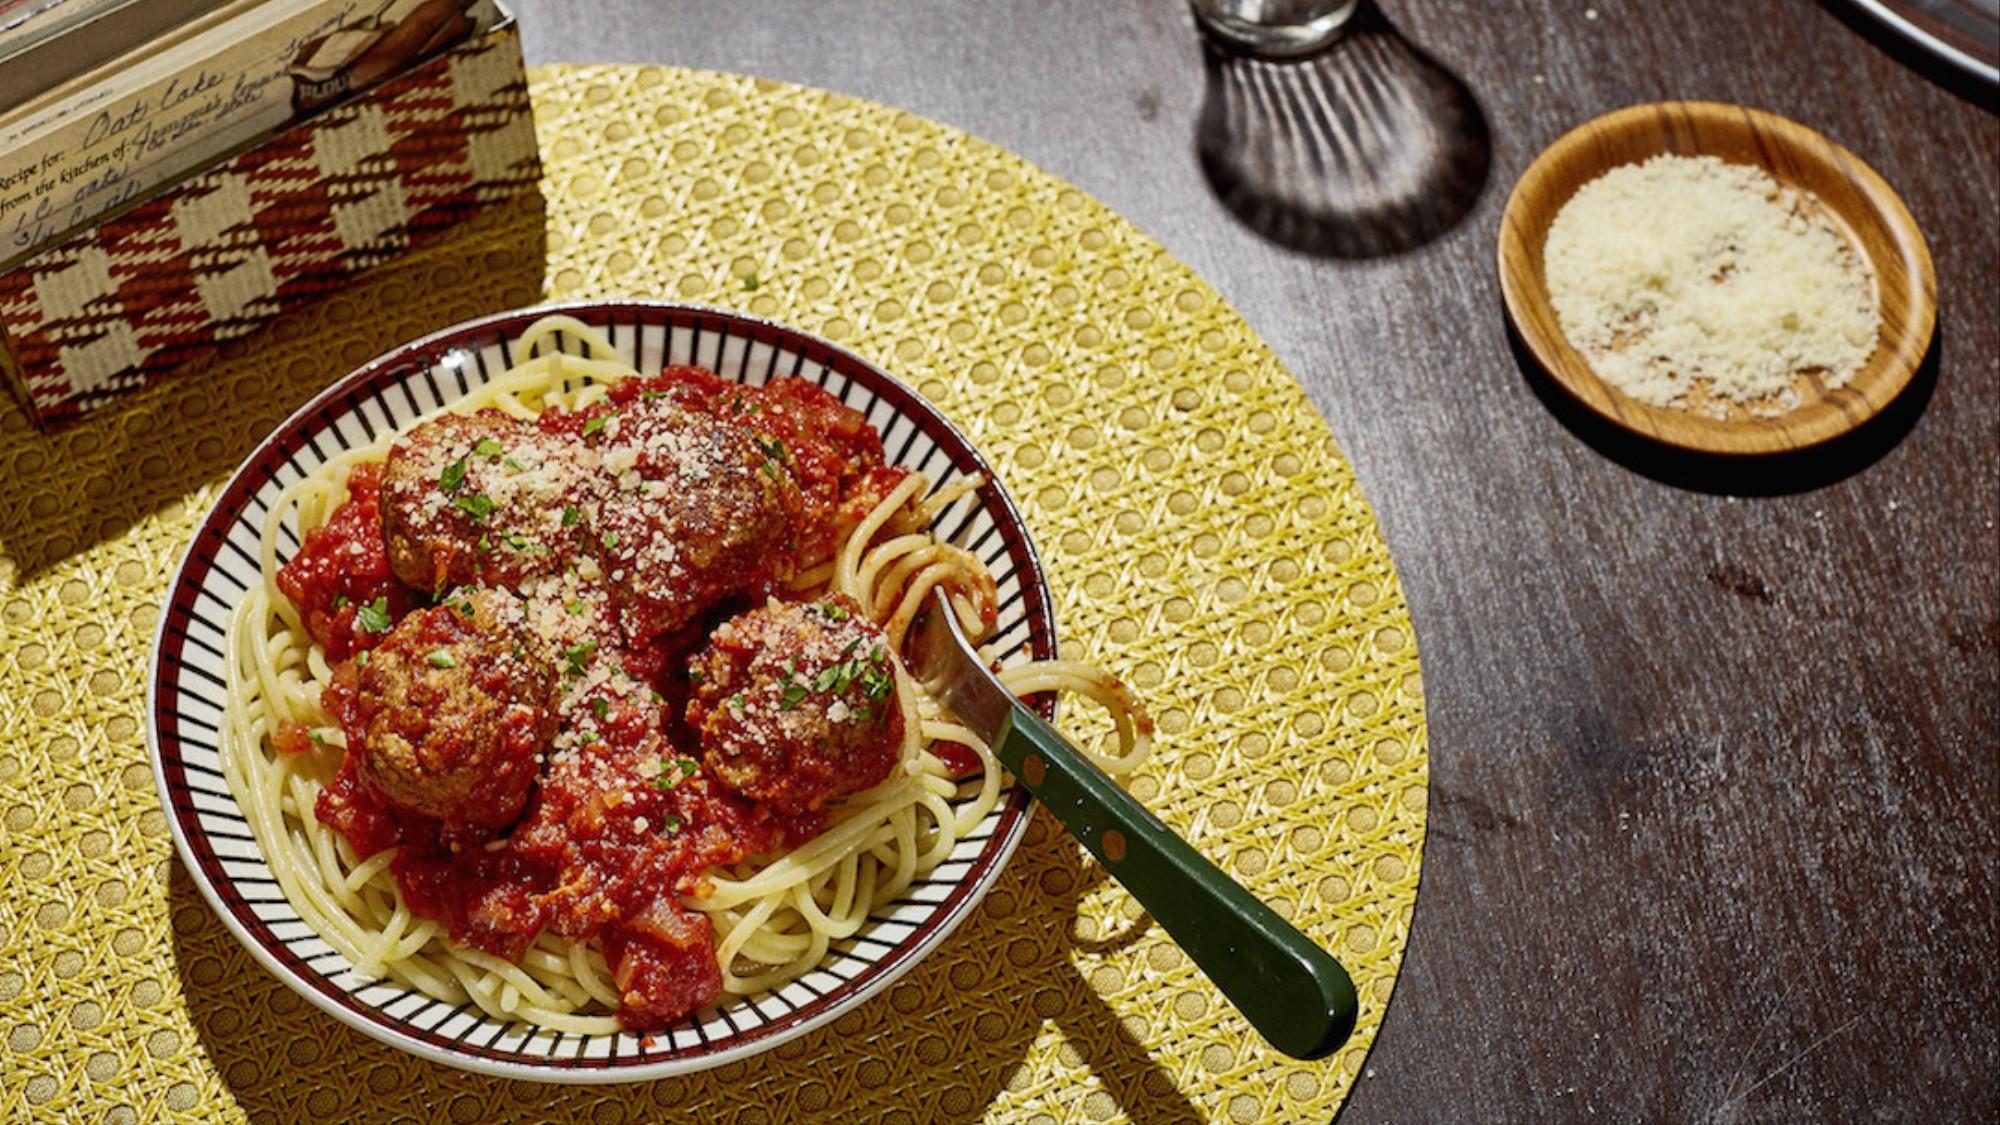 Spaghetti And Meatballs Recipe Vice